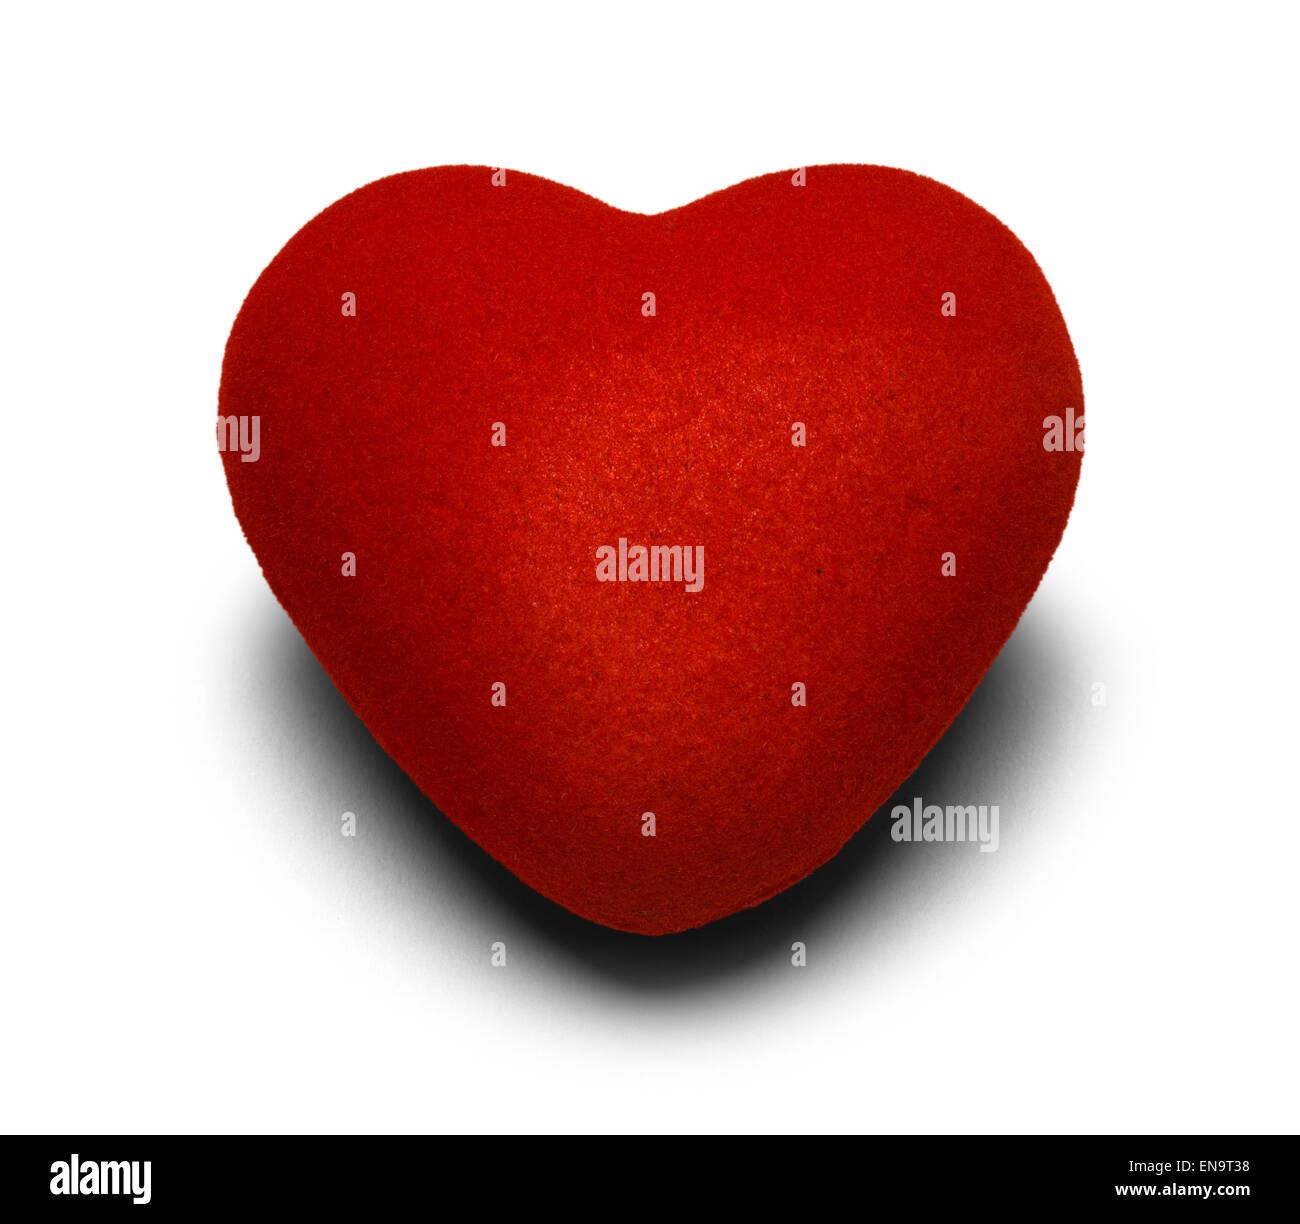 Tejido rojo corazón aislado sobre fondo blanco. Imagen De Stock